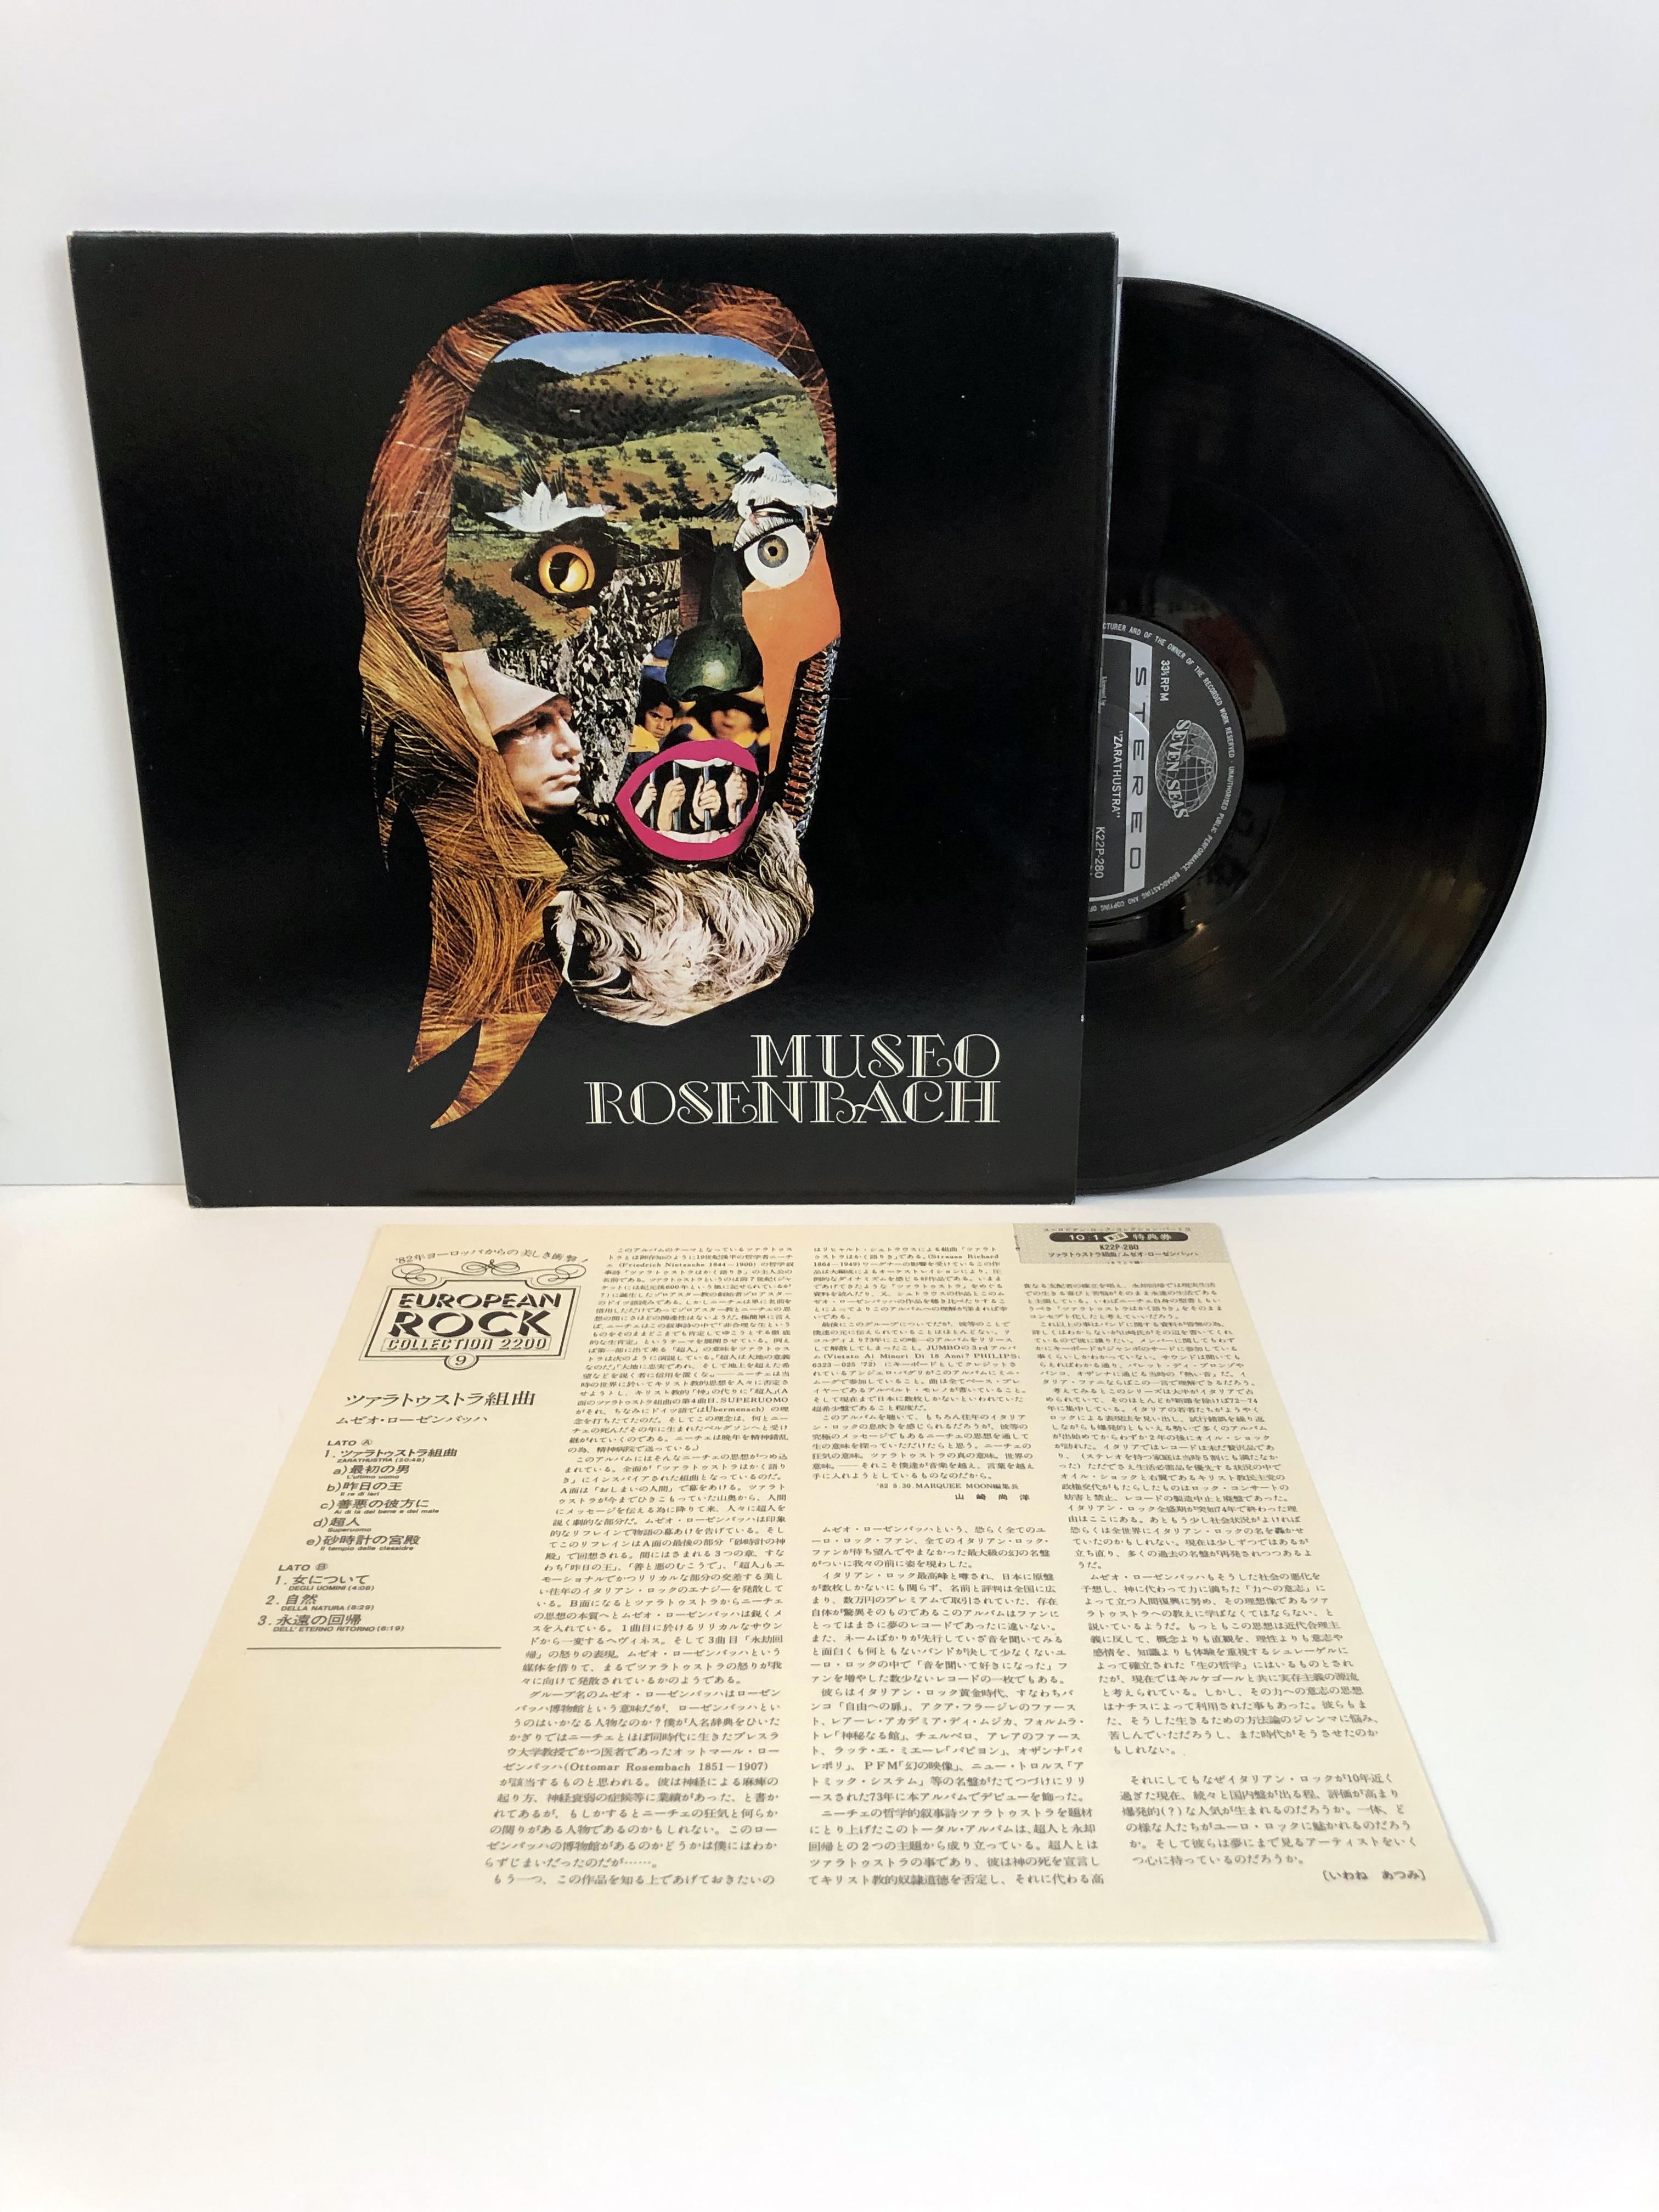 Set Sale List Available Records The Vinyl Archivist